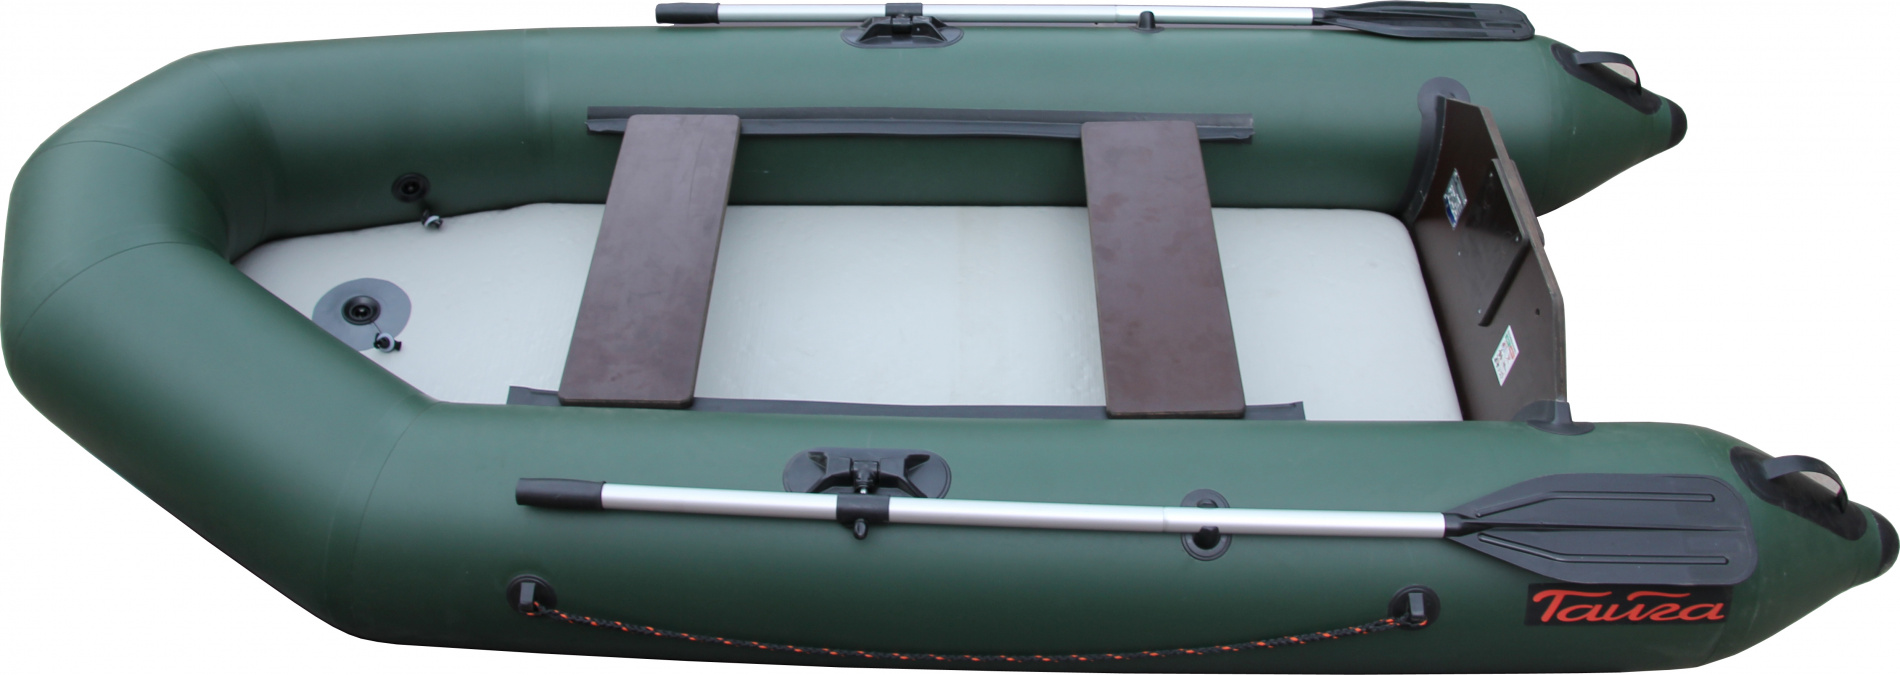 Лодка ПВХ Тайга-290 НД Airdeck (С-Пб)Моторные или под мотор<br>Лодка ТАЙГА-290 Airdeck – надувная моторная <br>лодка, совмещающая в себе возможности гребных <br>и моторных. У такой лодки имеется жестко <br>вклеенный (стационарный) транец из морской <br>фанеры, толщиной 18 мм.. Лодка легко выходит <br>в глиссирующее положение с моторами малой <br>мощности 4-5 л. Отличительная особенность <br>– сплошной надувной пол высокого давления <br>(Airdeck). Дно выполнено из ламинированного <br>текстиля с использованием армировки из <br>нитей. Благодаря такой конструкции надувная <br>лодка становится легче (примерно на 7 кг), <br>а значит, её легче транспортировать, что <br>является несомненным плюсом. Быстрая и <br>простая сборка, и разборка лодок , надувное <br>дно можно извлечь из лодки в любой момент. <br>Надувное дно лодки универсально, его можно <br>использовать как ложе в палатке, или в качестве <br>надувного матраса для купания. А в том случае, <br>если один из баллонов начал пропускать <br>воздух, airdeck оставит дно ровным. Конструкция <br>дна получается довольно жёсткой и прочной, <br>что позволяет без опасений встать на дно <br>лодки. Специальная помпа с двумя камерами <br>входит в комплект. Для накачки баллона лодки <br>- давление 0,2 атм, для накачки надувного <br>дна высокого давления (Airdeck) - давление 0,8 <br>атм. - Лодка «ТАЙГА» состоит из одного замкнутого <br>баллона, разделенного перегородками на <br>2 отсека, что позволит лодке остаться на <br>плаву даже при случайном проколе баллона. <br>- Корпус лодки «ТАЙГА» изготавливается <br>из 5-ти слойной ткани ПВХ корейского производства <br>MIRASOL, являющейся одной из лучших на рынке. <br>Используется ткань плотностью 750 г/м.кв. <br>Реальный срок службы лодки из ПВХ составляет <br>больше 15 лет. Лодки из ПВХ не требуют специальной <br>обработки после использования и на период <br>хранения. - швы лодки соединены современным <br>методом «горячей сварки». Ткань соединяется <br>встык, с проклейкой с двух сторон л